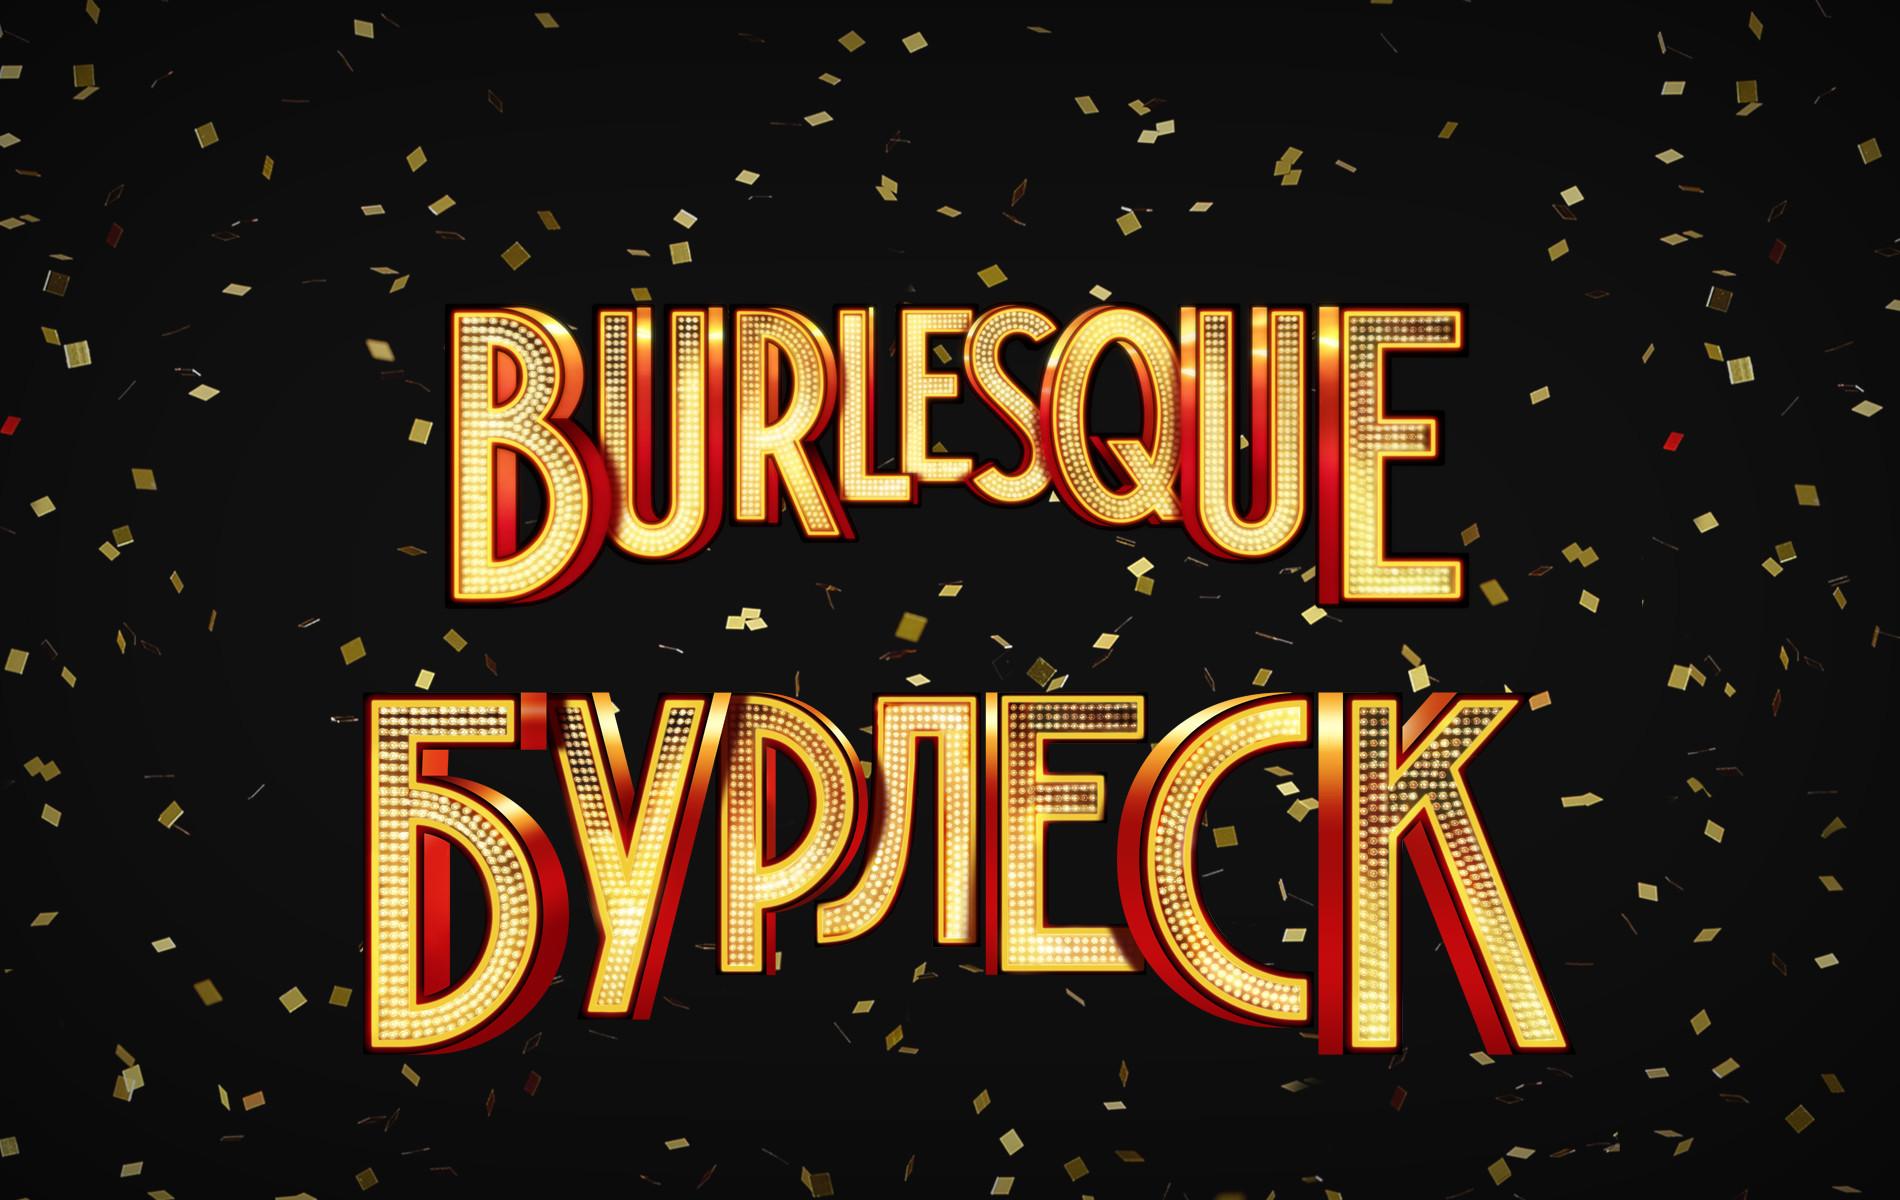 2011-01-01_Burlesque_1900x1200px.jpg